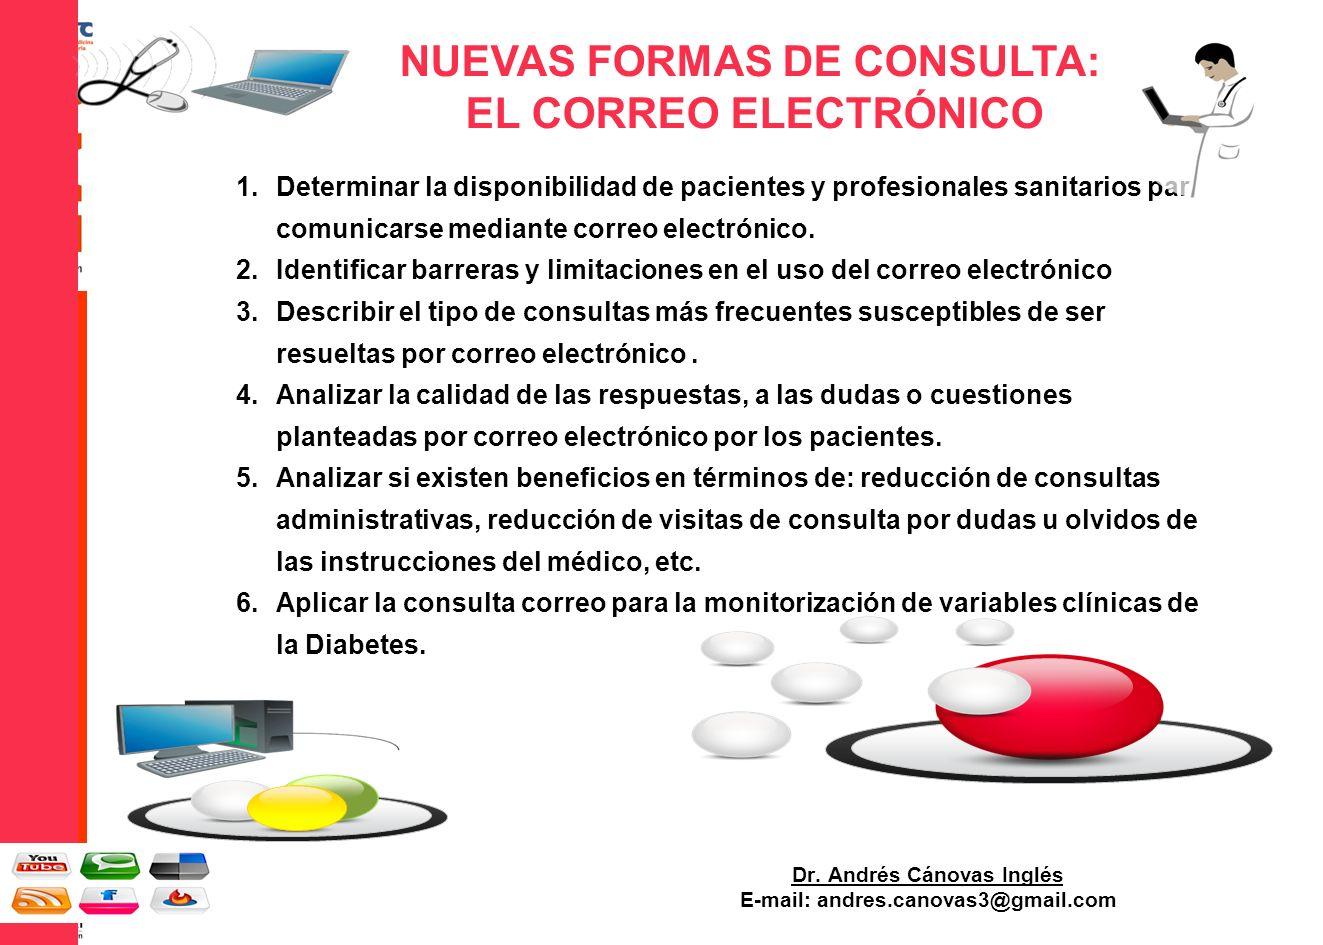 Dr. Andrés Cánovas Inglés E-mail: andres.canovas3@gmail.com NUEVAS FORMAS DE CONSULTA: EL CORREO ELECTRÓNICO 1.Determinar la disponibilidad de pacient